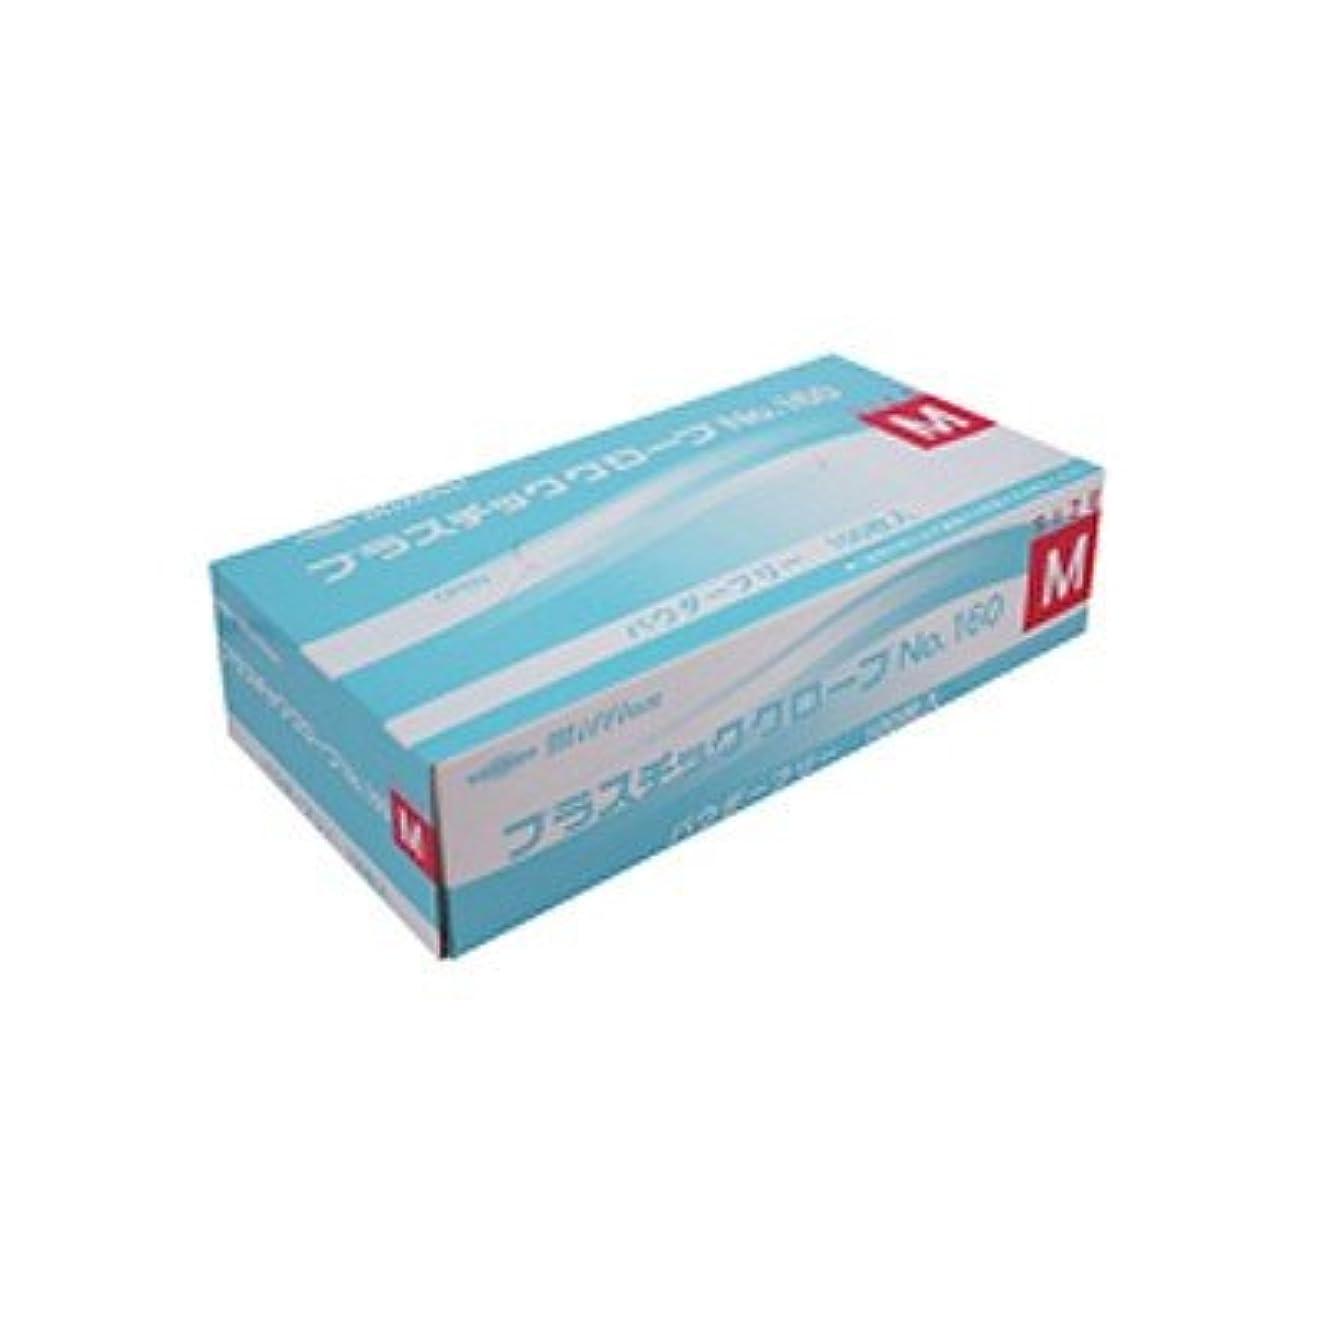 ナース先行する例外ミリオン プラスチック手袋 粉無 No.160 M 品番:LH-160-M 注文番号:62741606 メーカー:共和